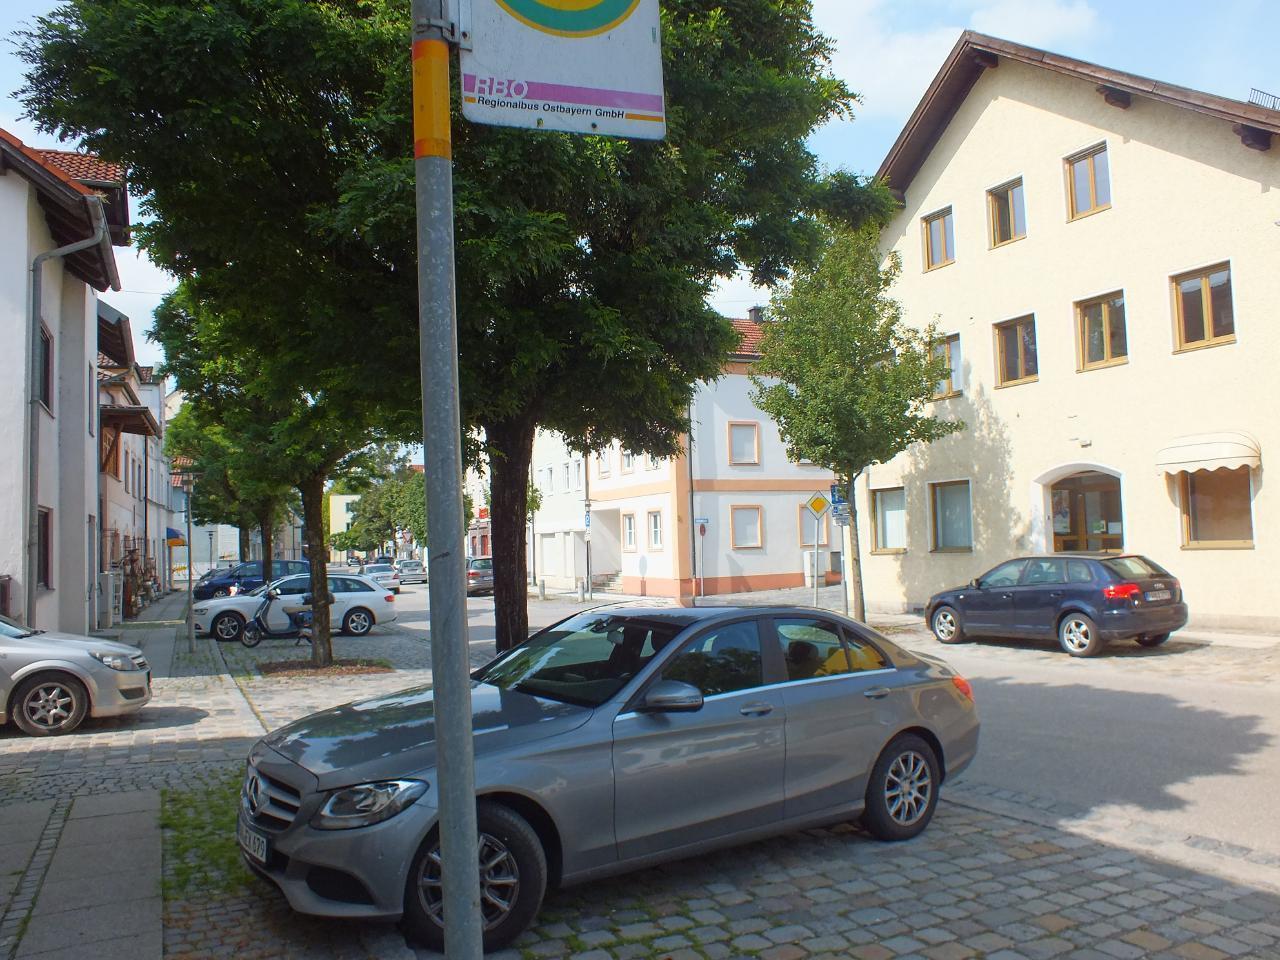 Ferienhaus Toprenoviertes Ferien- und Gästehaus mit viel Platz für bis zu 10 Gäste (2246571), Gangkofen, Bayerisches Golf- und Thermenland, Bayern, Deutschland, Bild 16